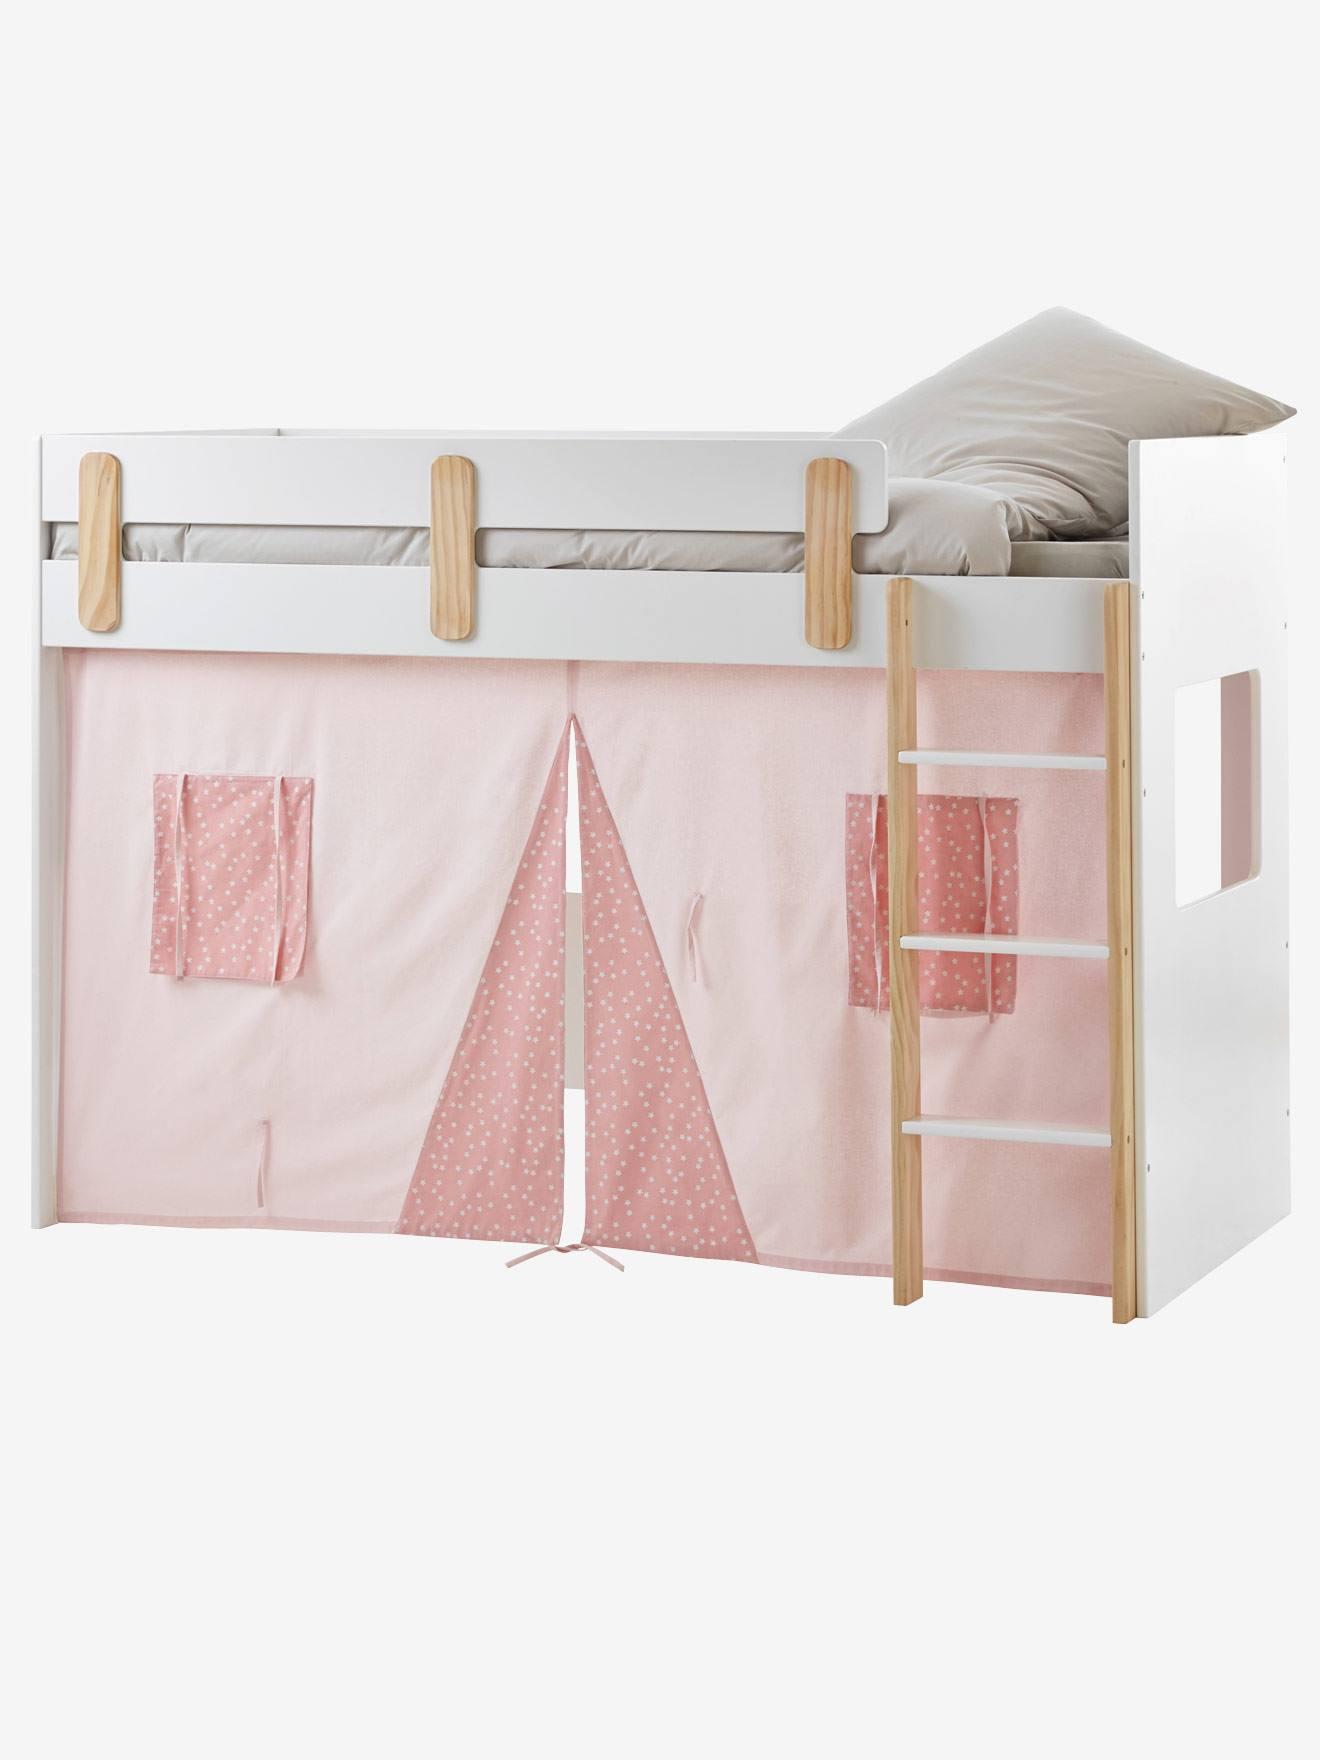 tour de lit vertbaudet textile with tour de lit vertbaudet perfect parfait tour de lit. Black Bedroom Furniture Sets. Home Design Ideas